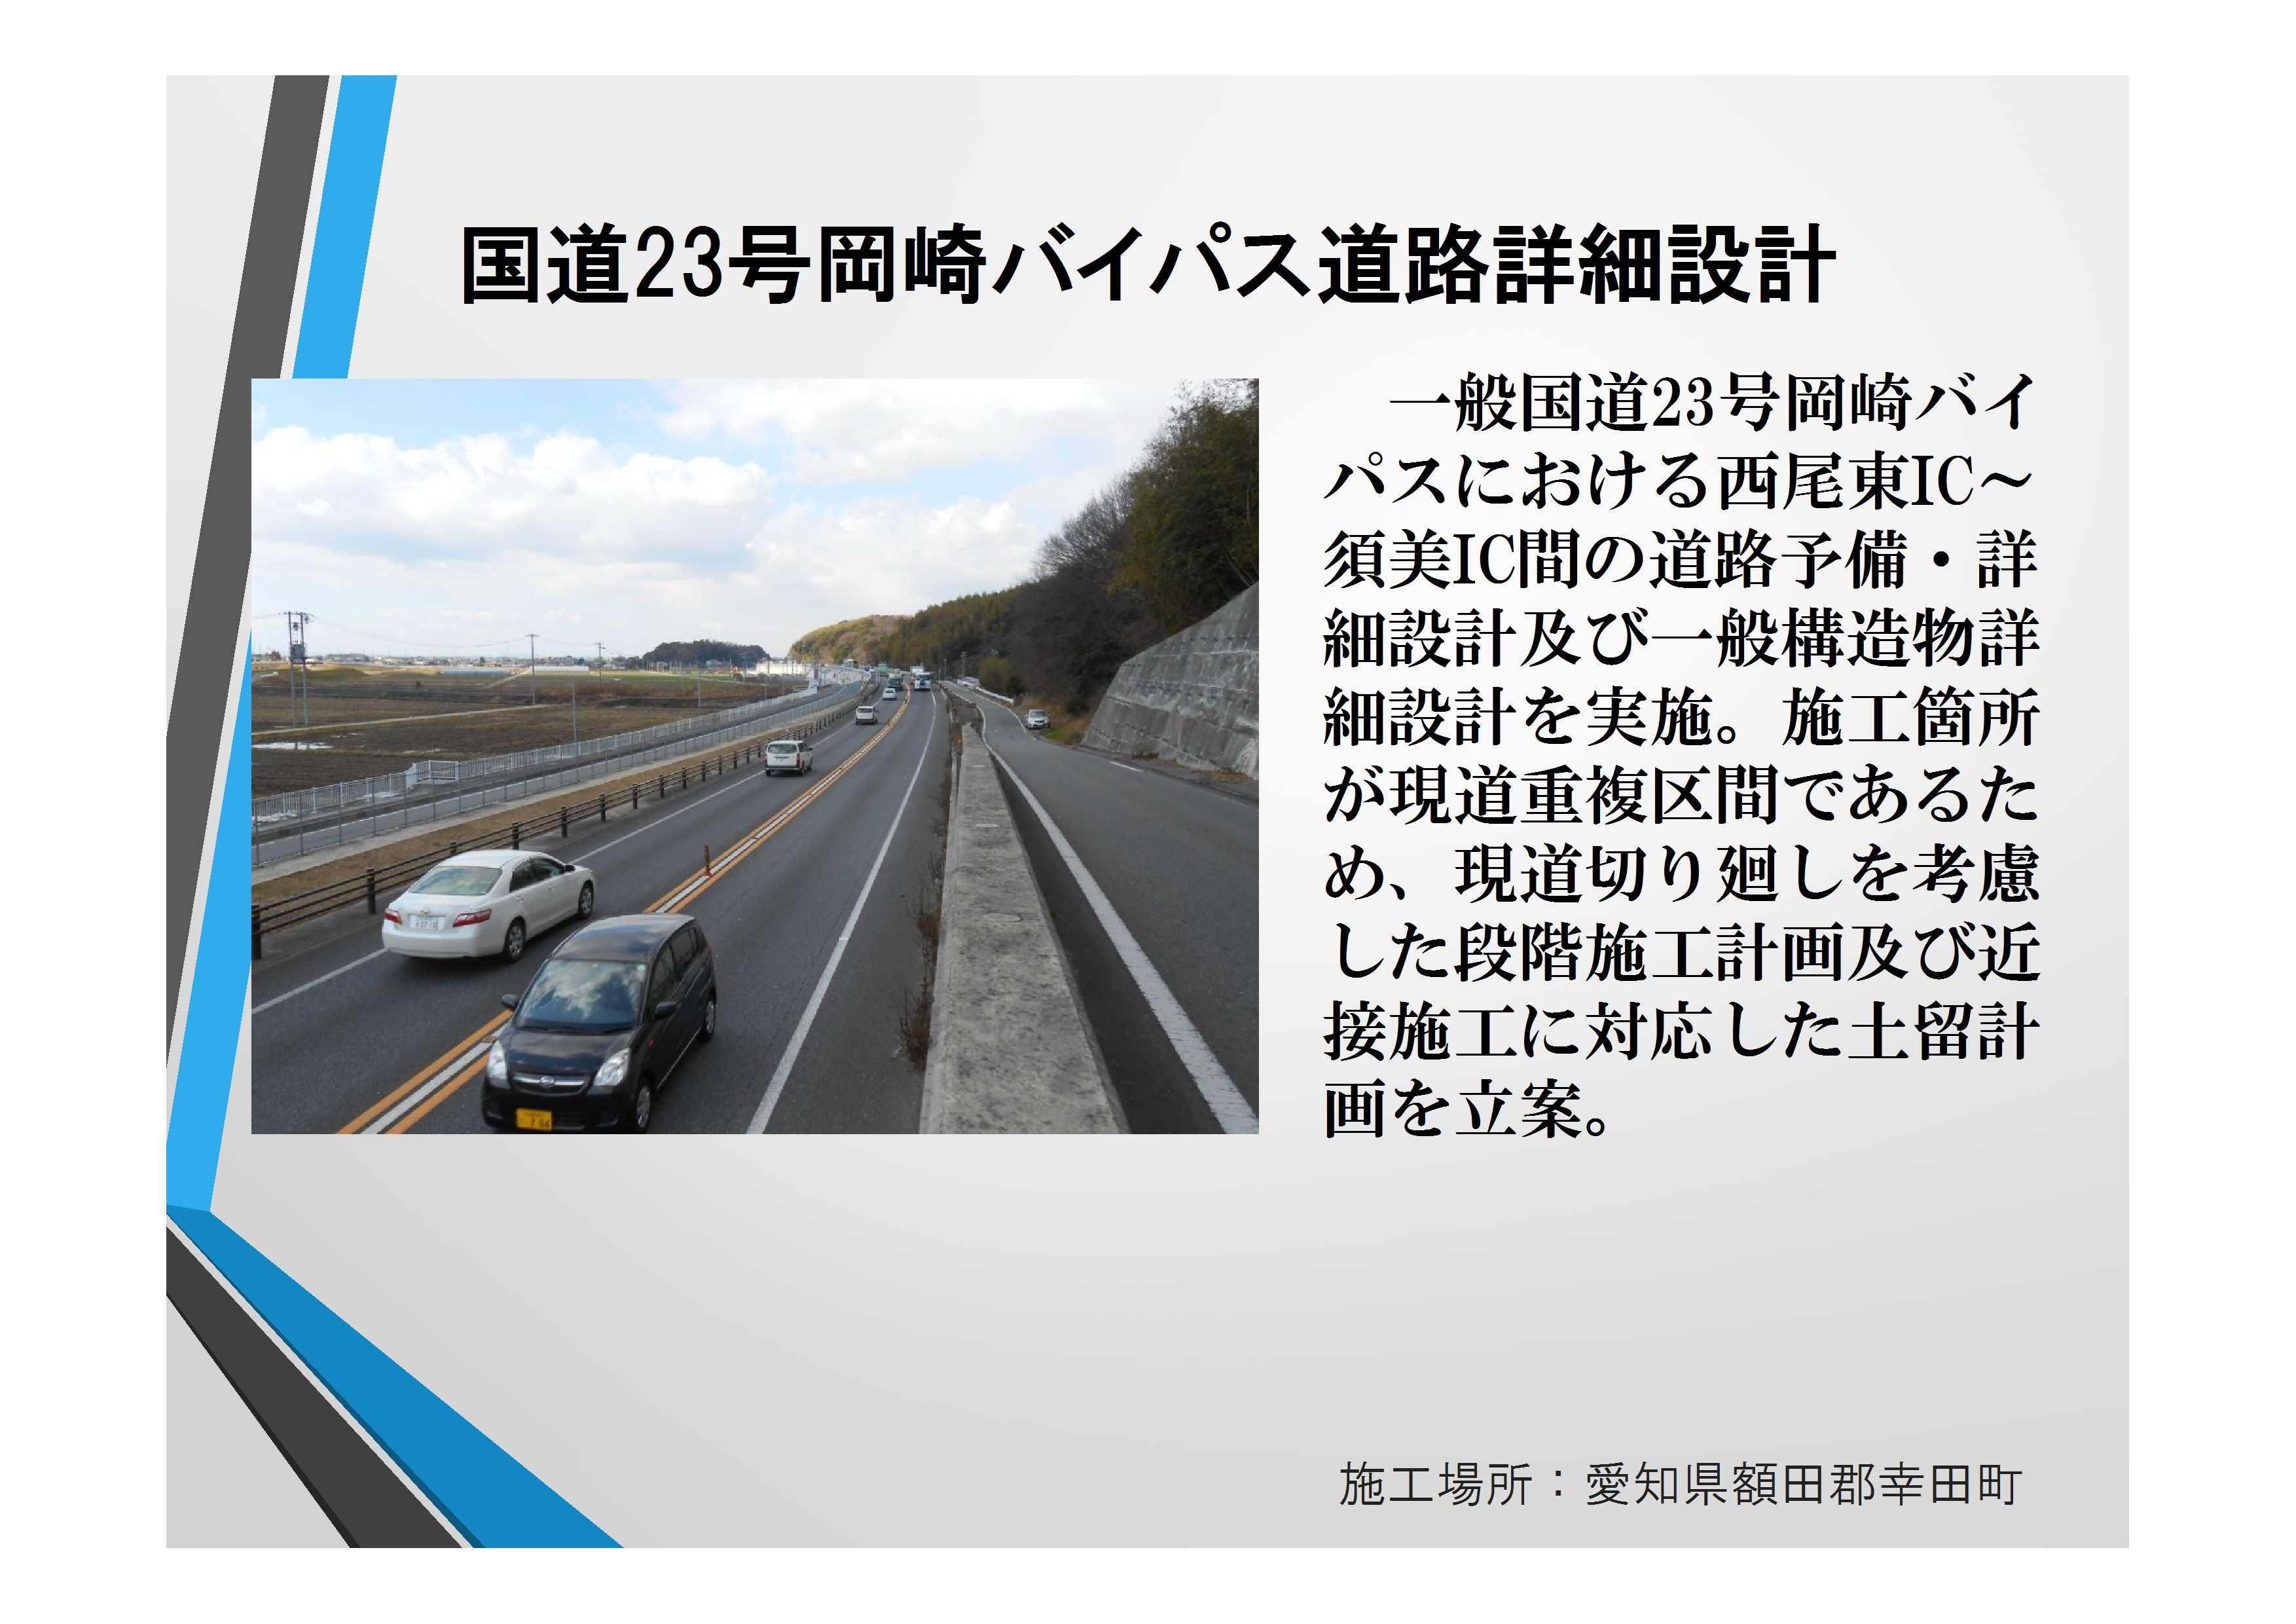 16-058 国道23号岡崎BP寒地地区道路詳細設計